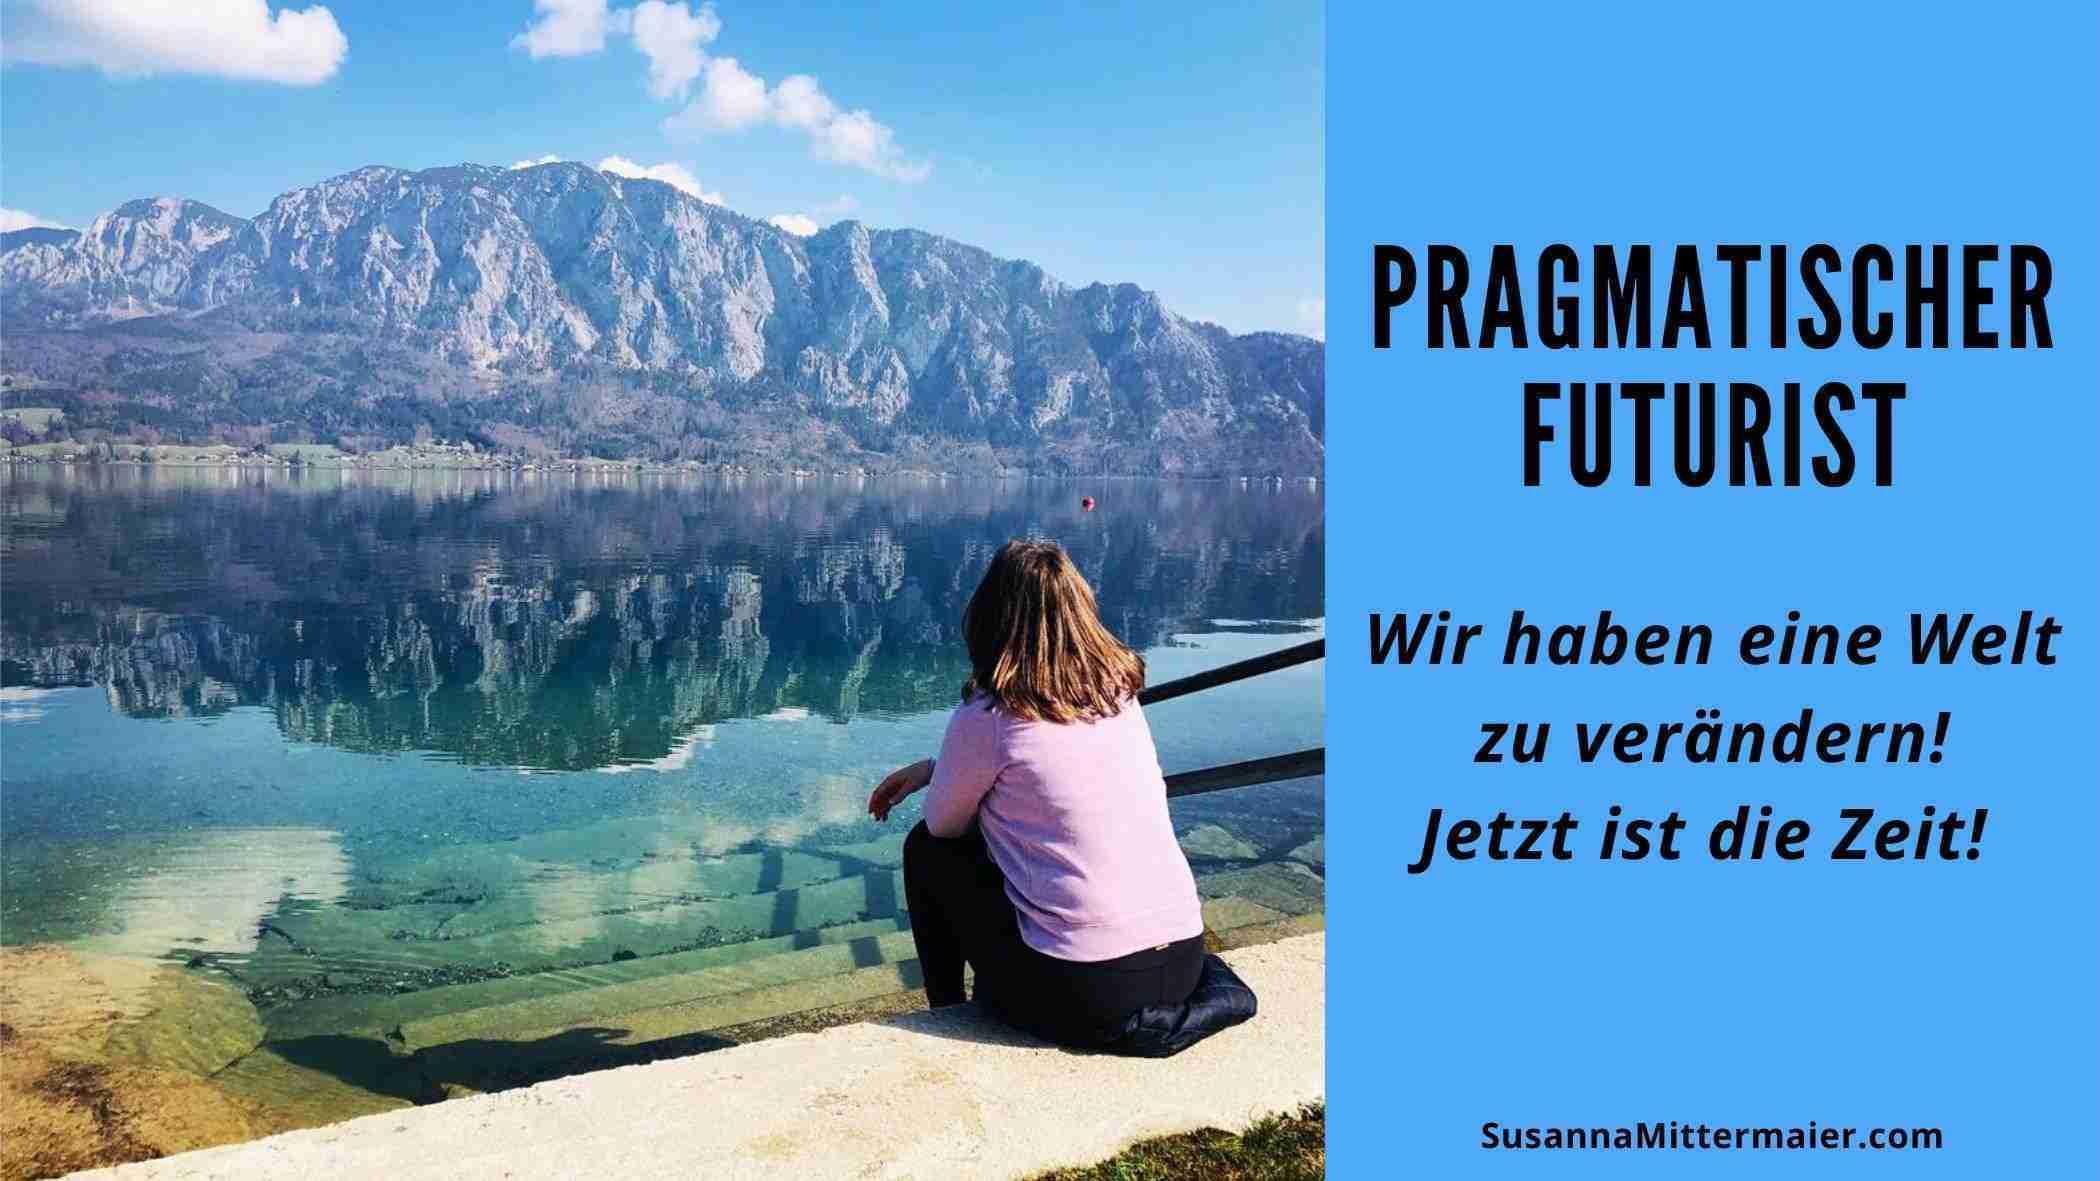 Pragmatischer Futurist